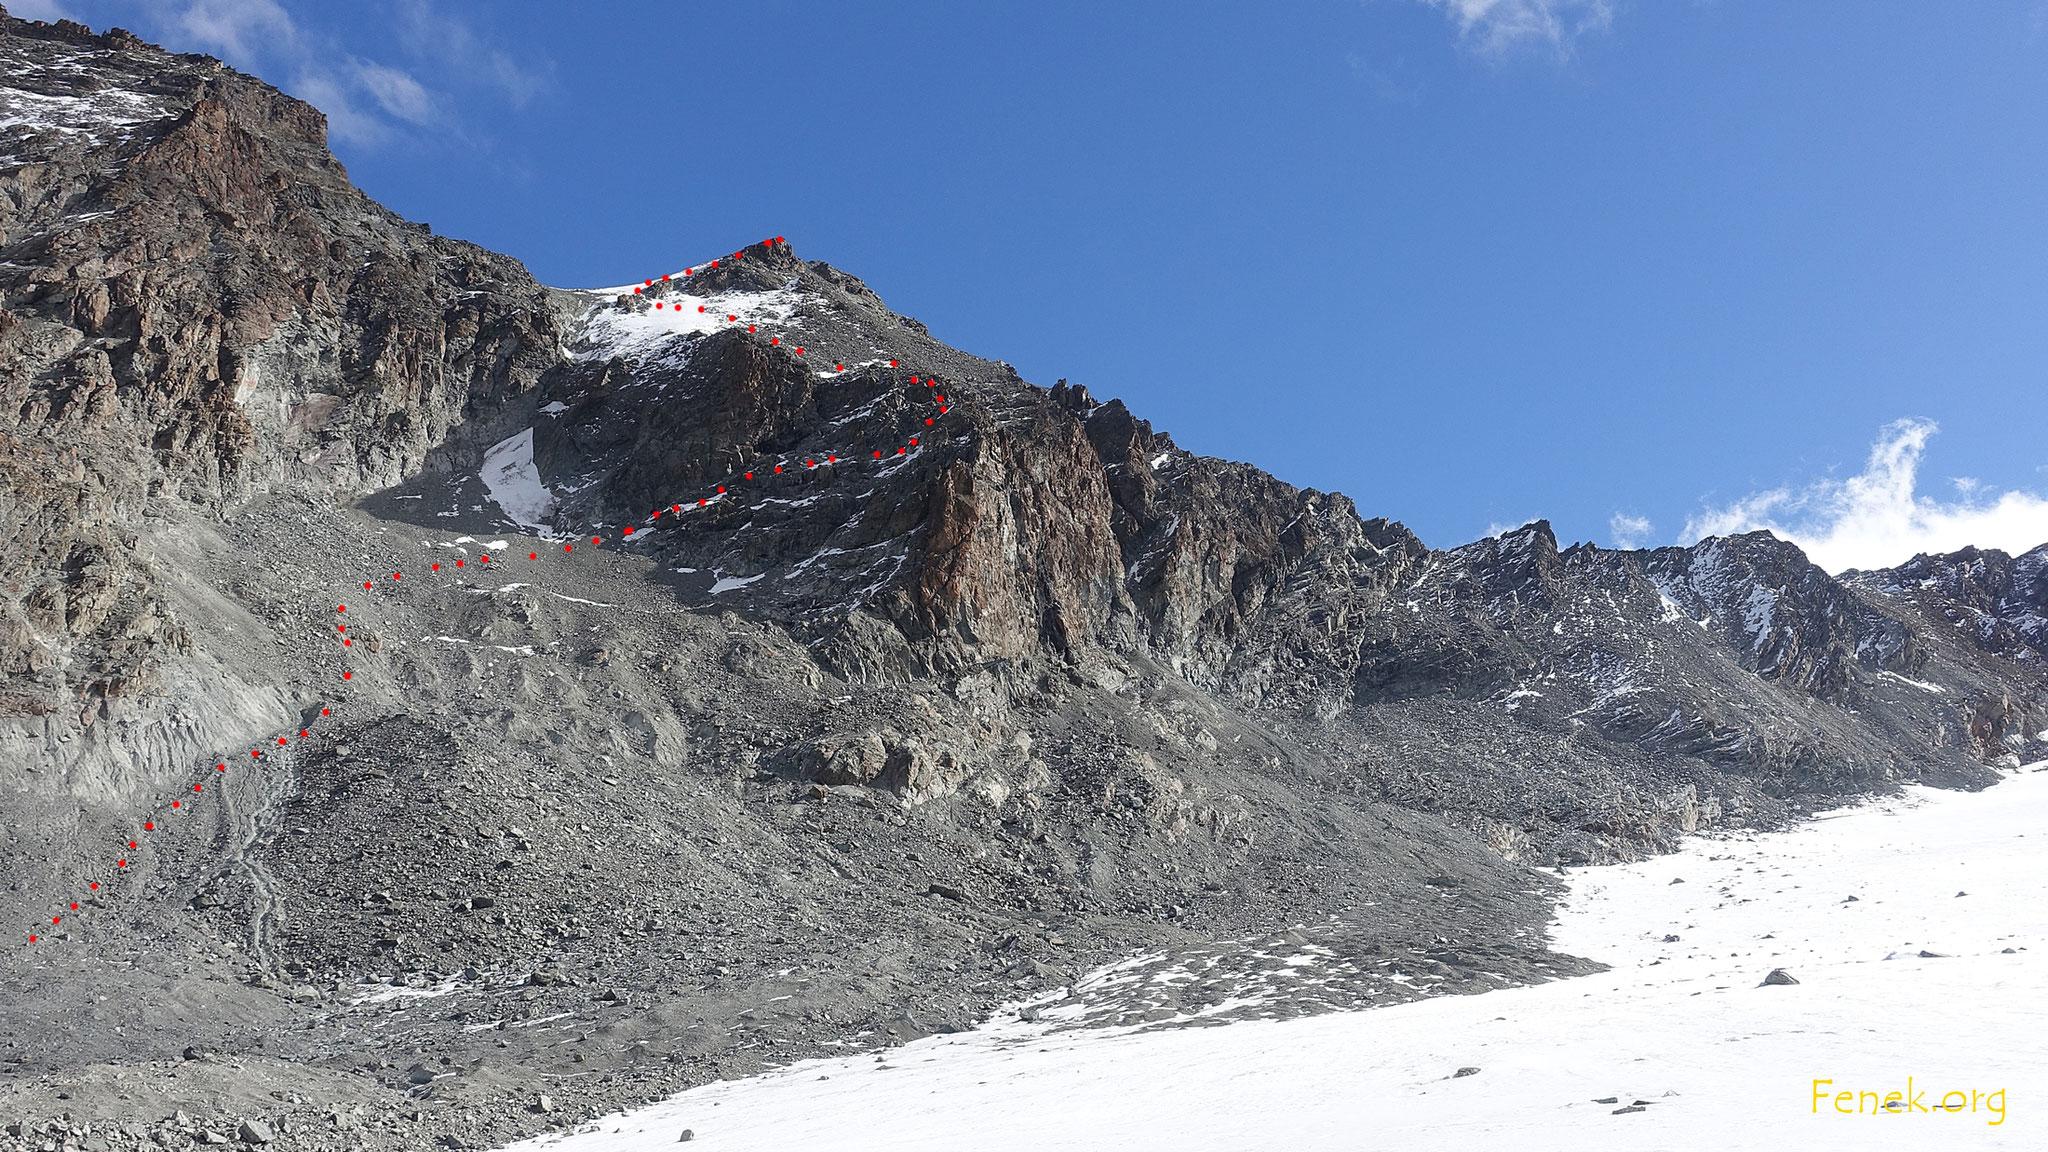 zurück auf dem Gletscher - Routenübersicht